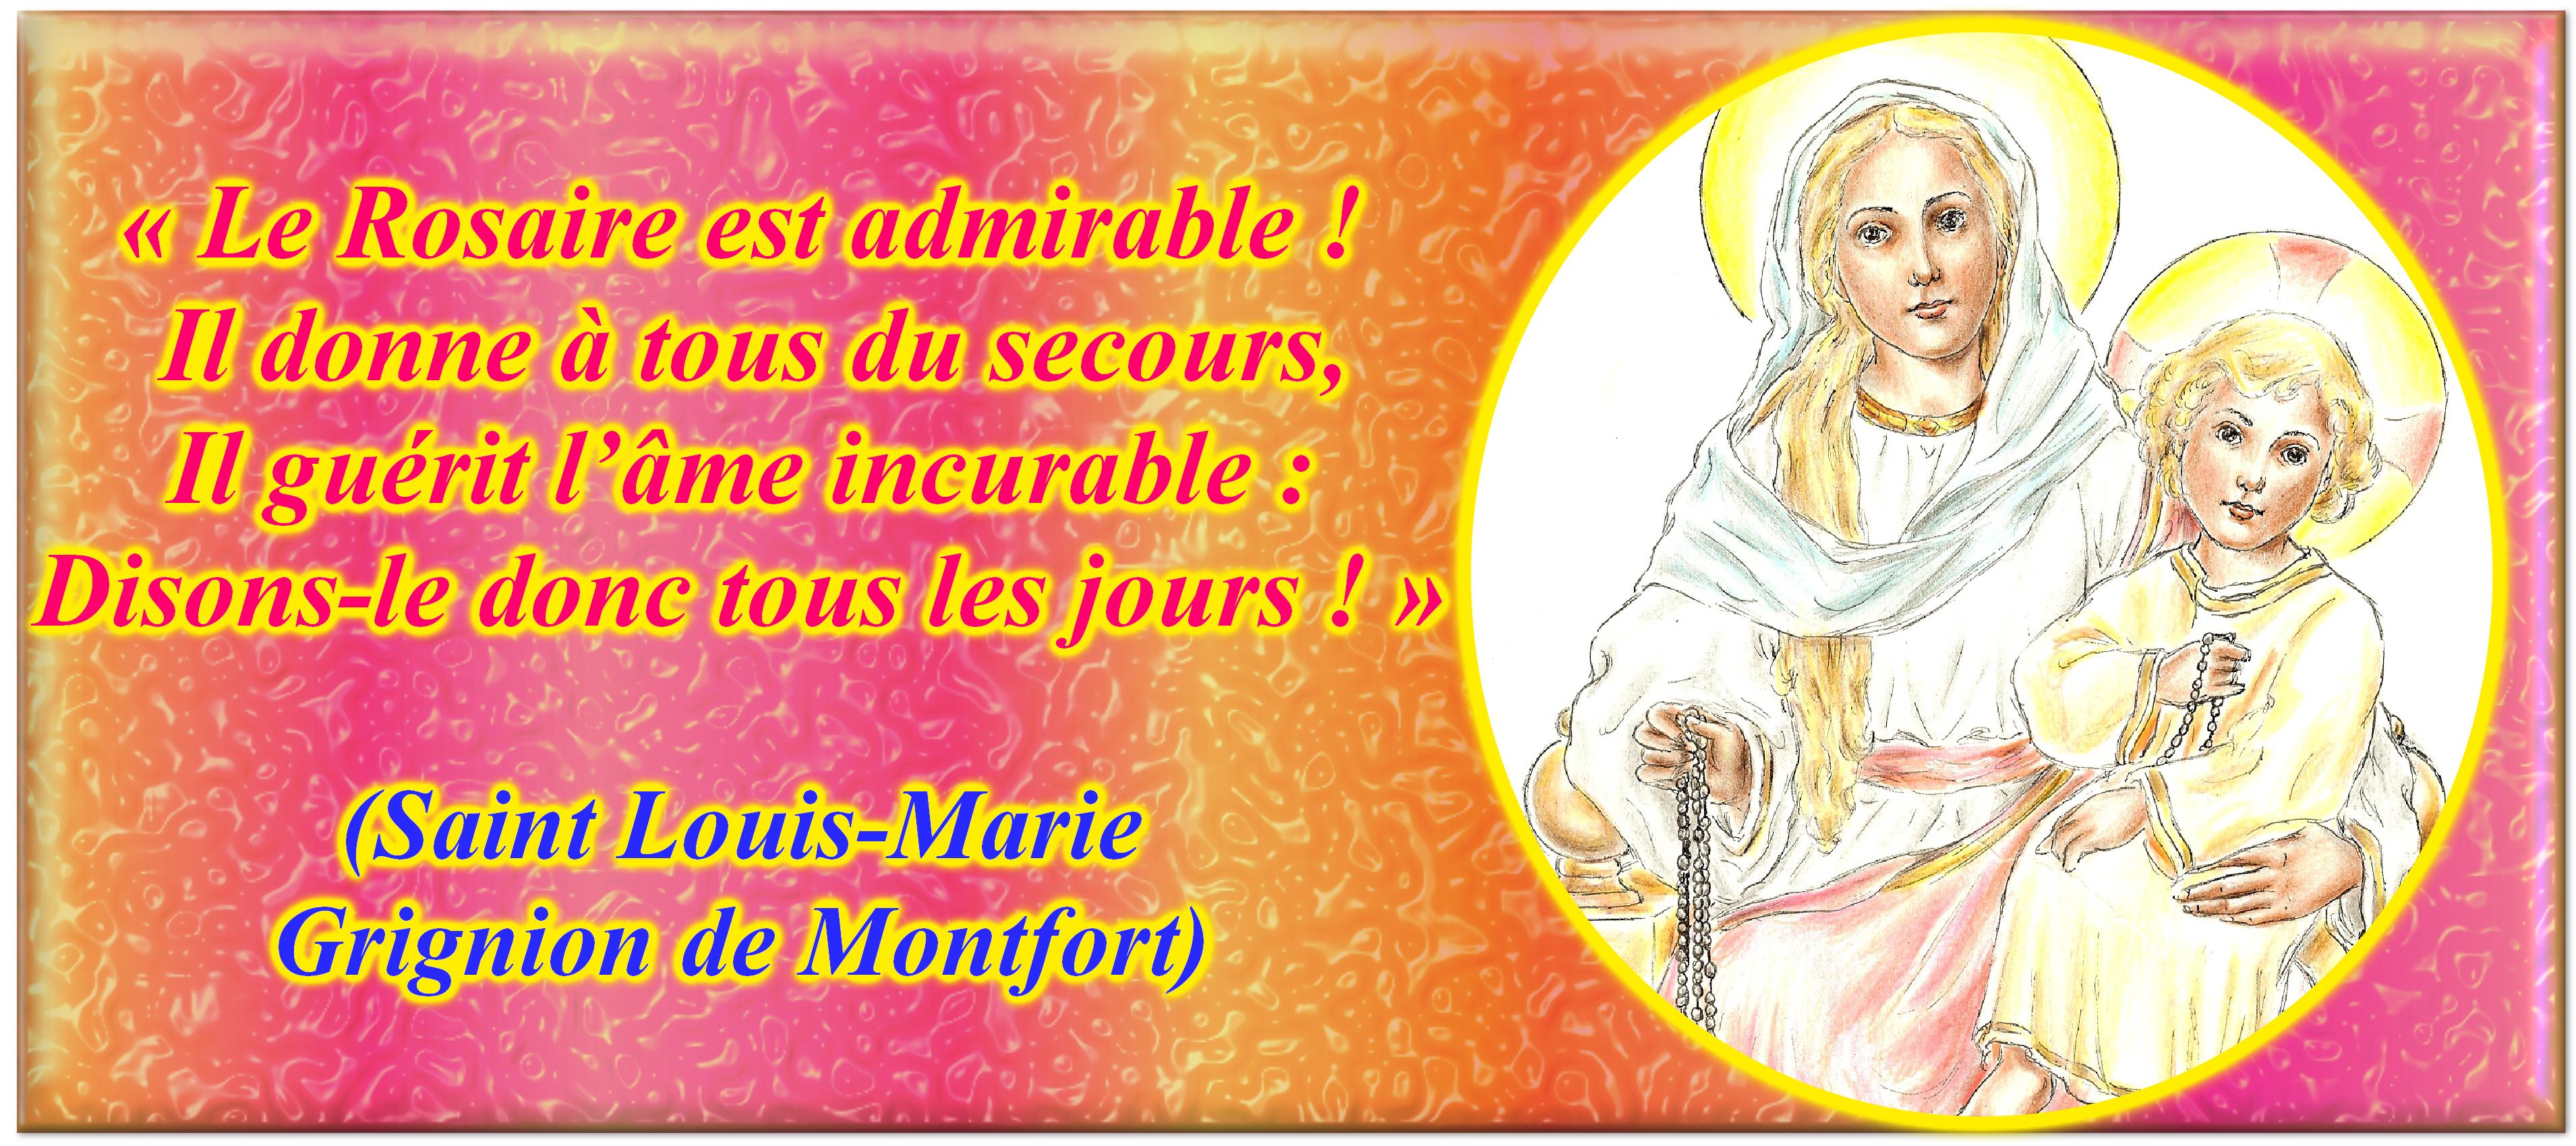 LE CHAPELET QUOTIDIEN RÉCITÉ AVEC VOUS ! (Gilbert Chevalier) Le-rosaire-est-ad...e-forum--55695ac